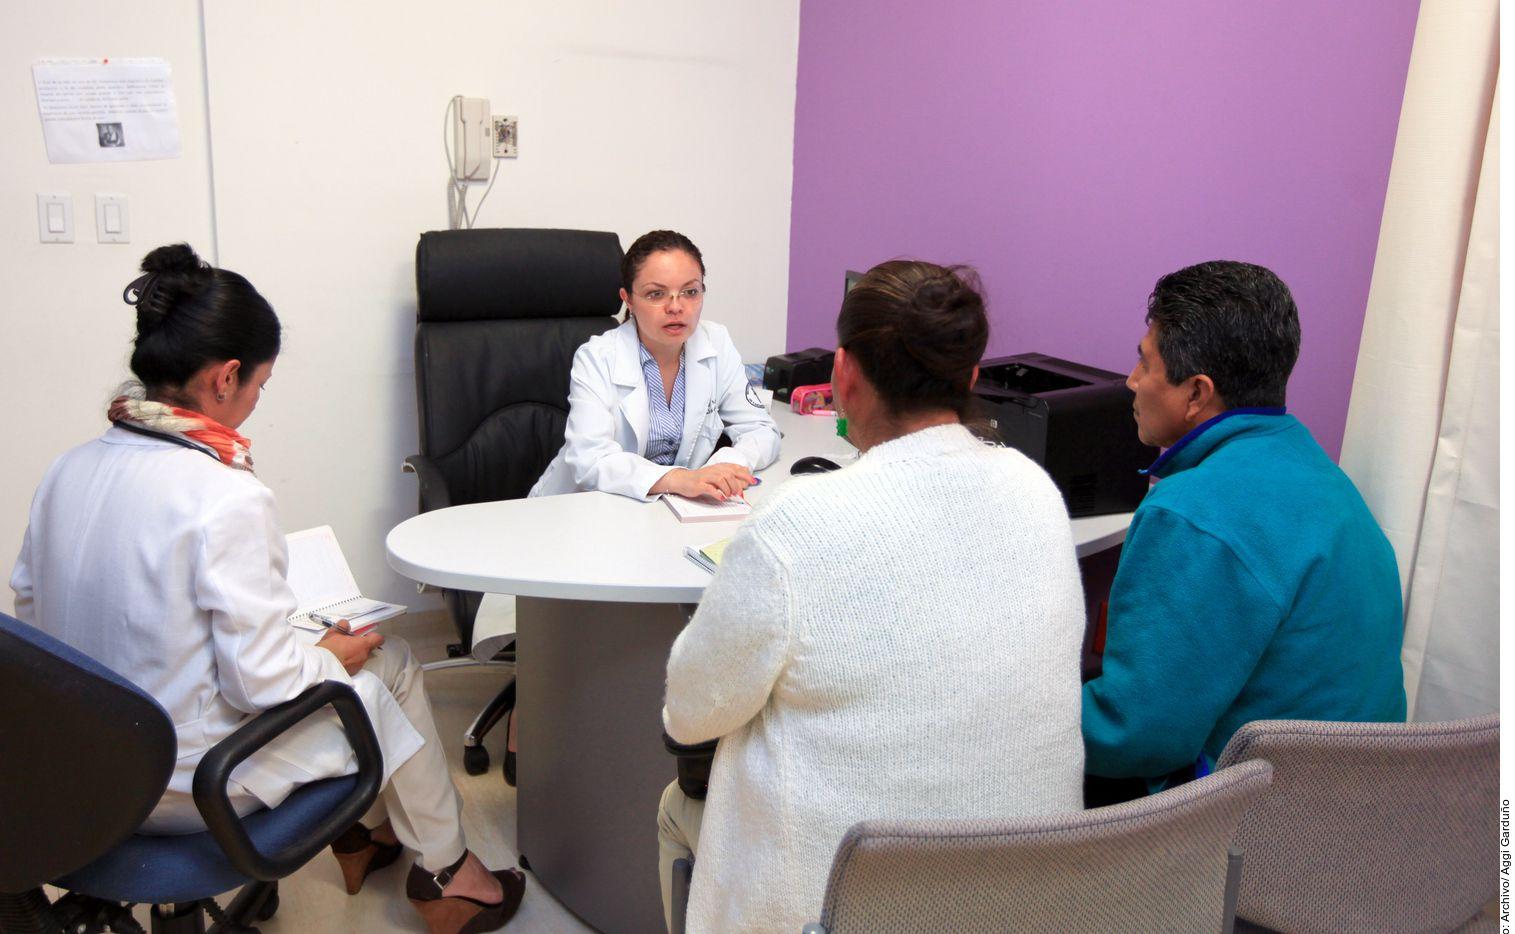 En este trabajo de cuidador también se requiere de toda una red en la que estén especialistas médicos y, si es posible, algún cuidador remunerado. Incluso los mismos vecinos ayudan mucho.